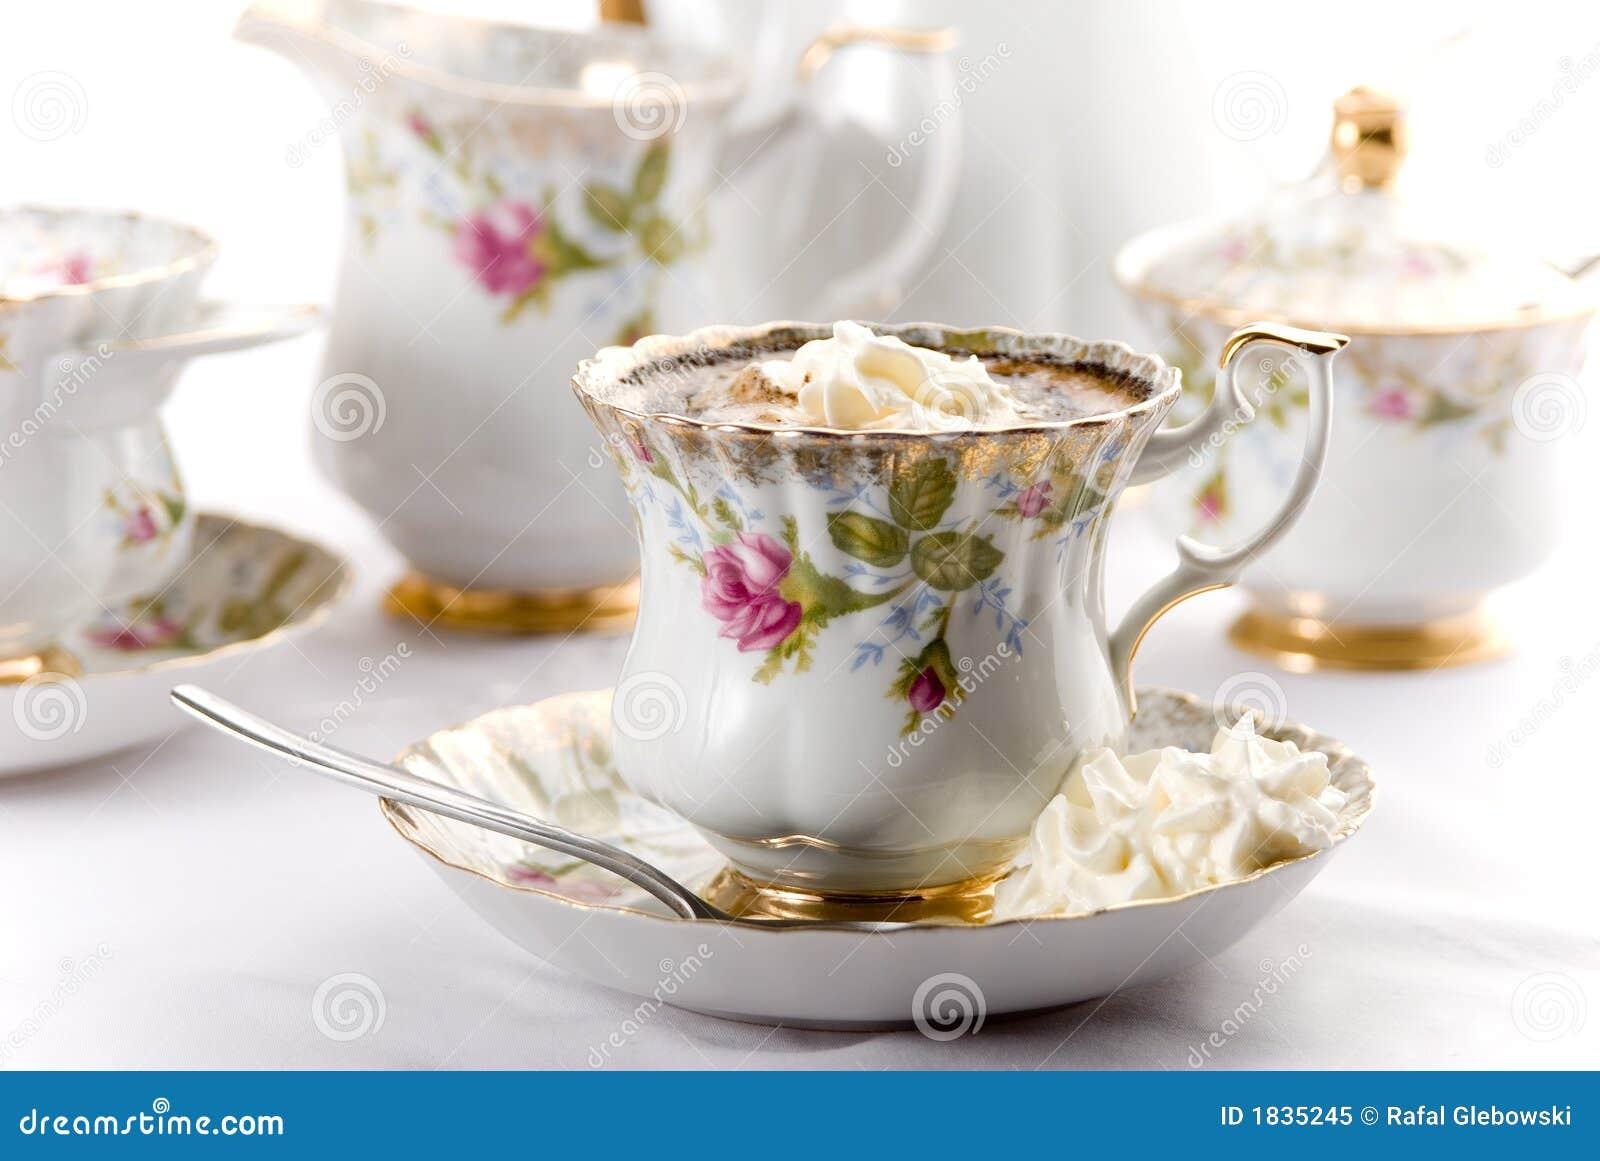 porzellan tasse kaffee stockbild bild von frisch aroma 1835245. Black Bedroom Furniture Sets. Home Design Ideas